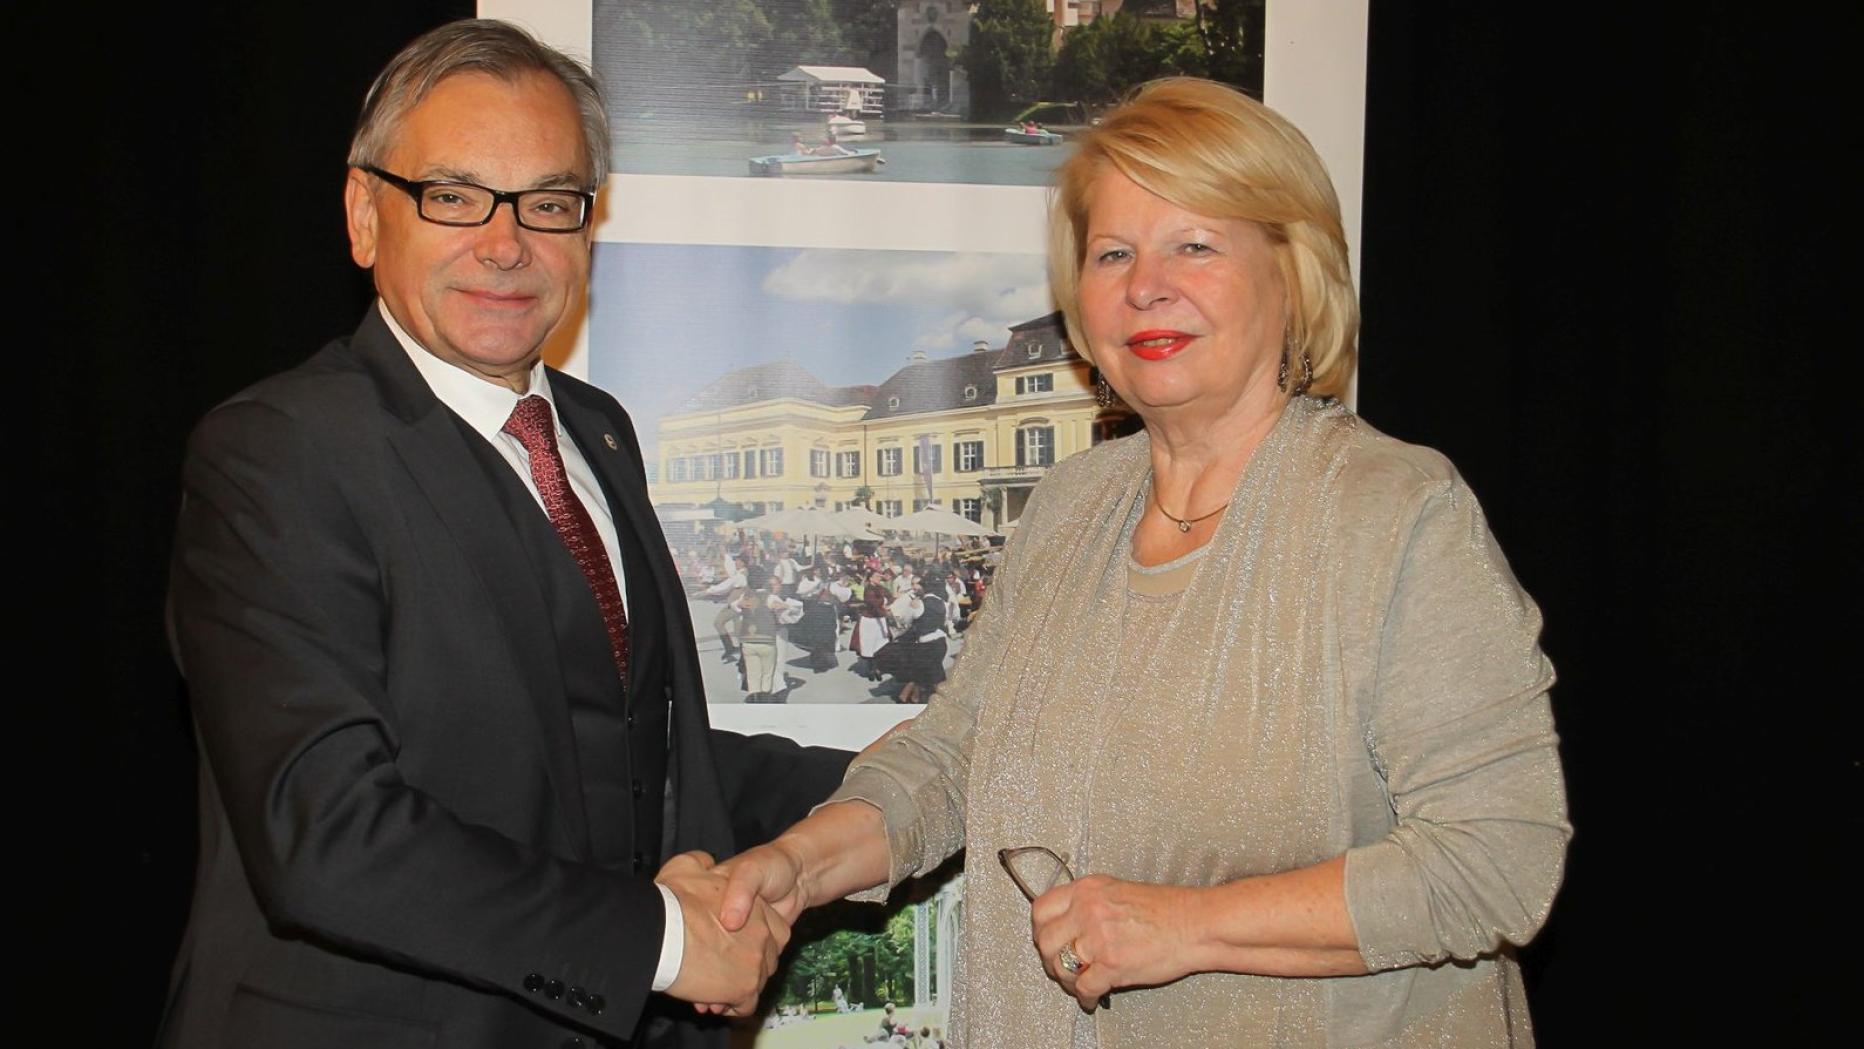 Partnersuche in Laxenburg - Kontaktanzeigen und Singles ab